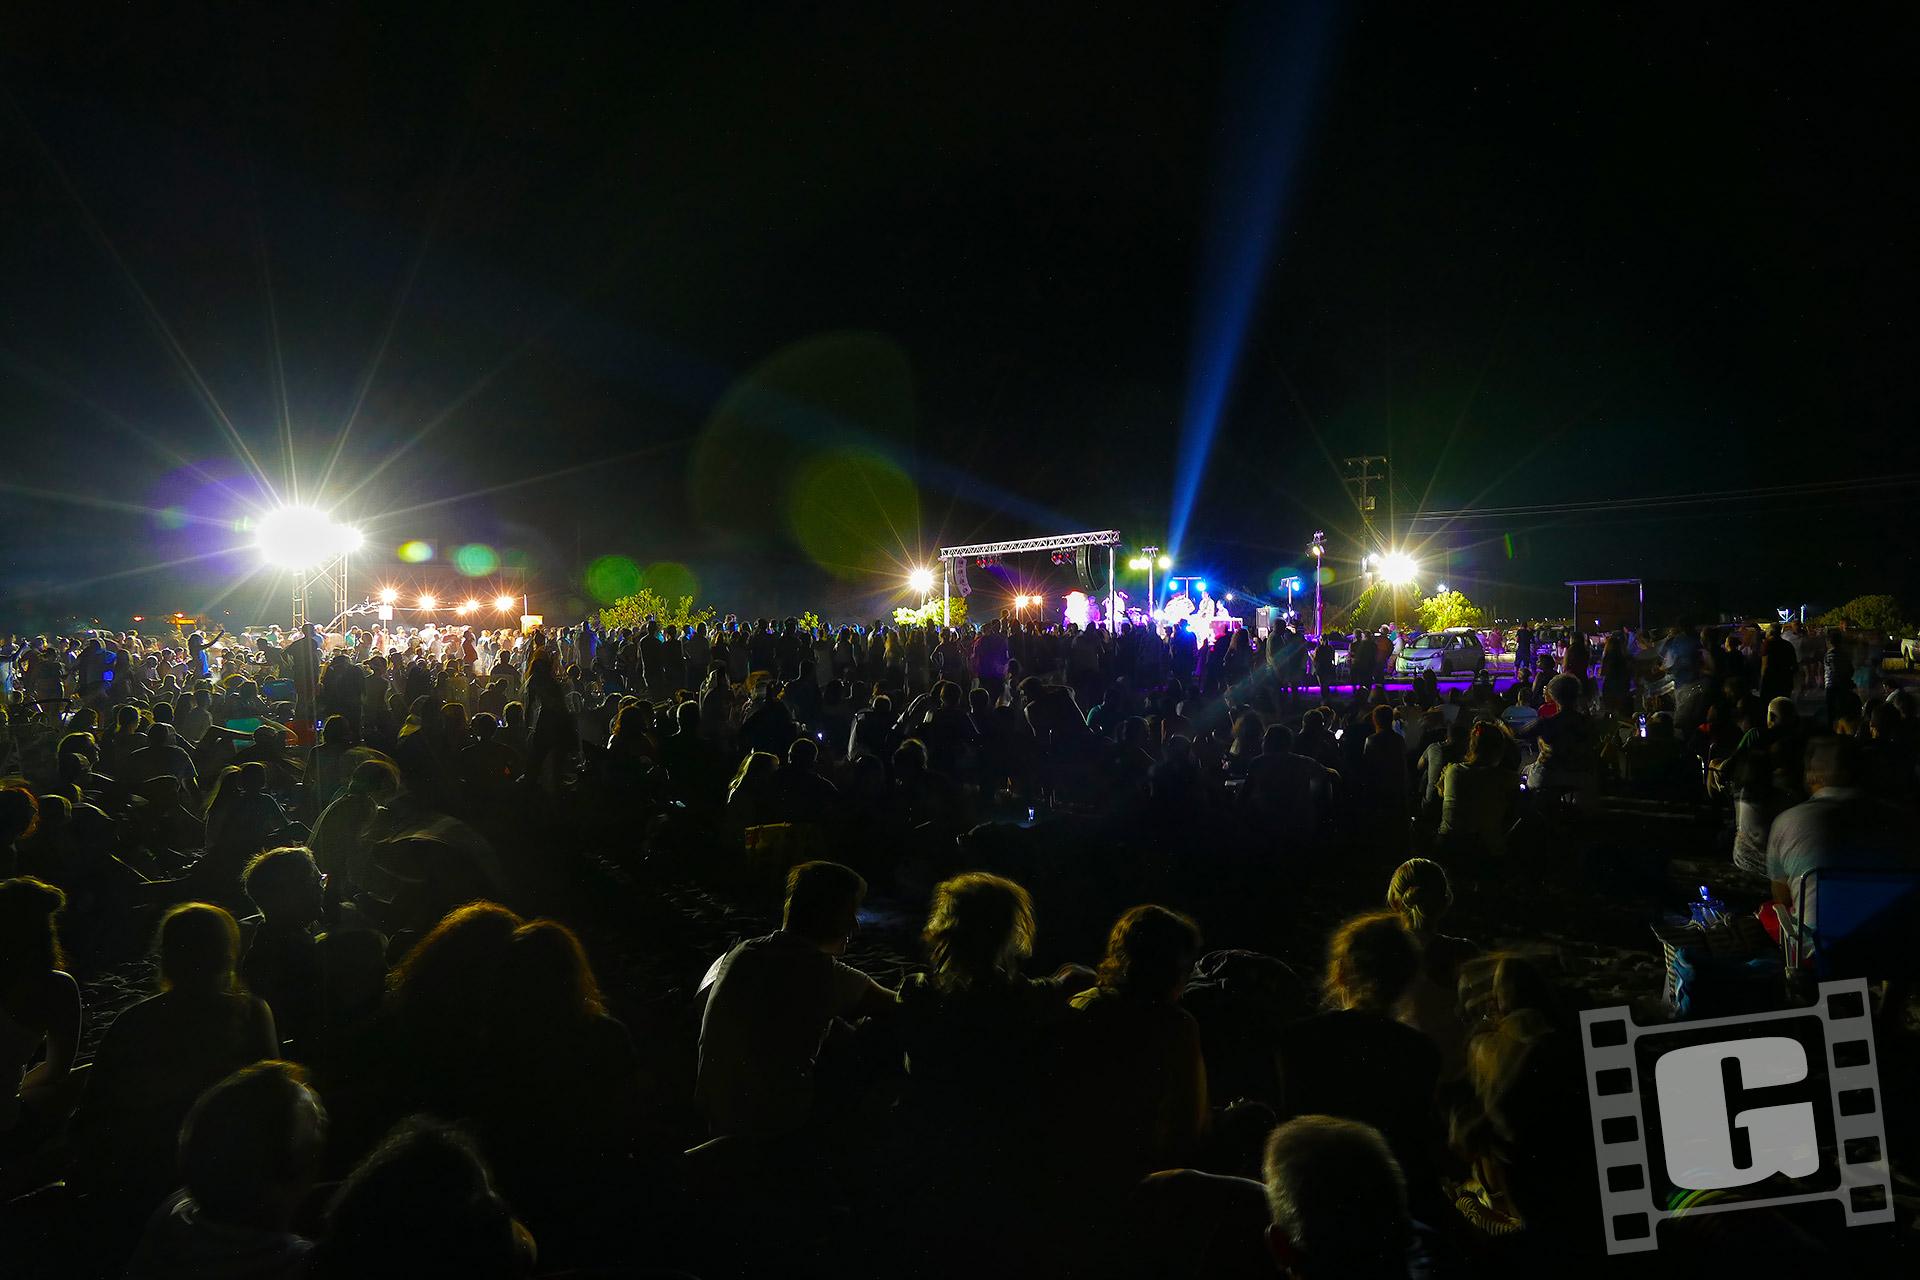 Ιμαμ μπαιλντί, Imam baildi, beach party, live, drone, συναυλία, Χερονήσι, Κυνουρία, Αρκαδία, Χρήστος Γιατράκος, εναέρια Φωτογραφία